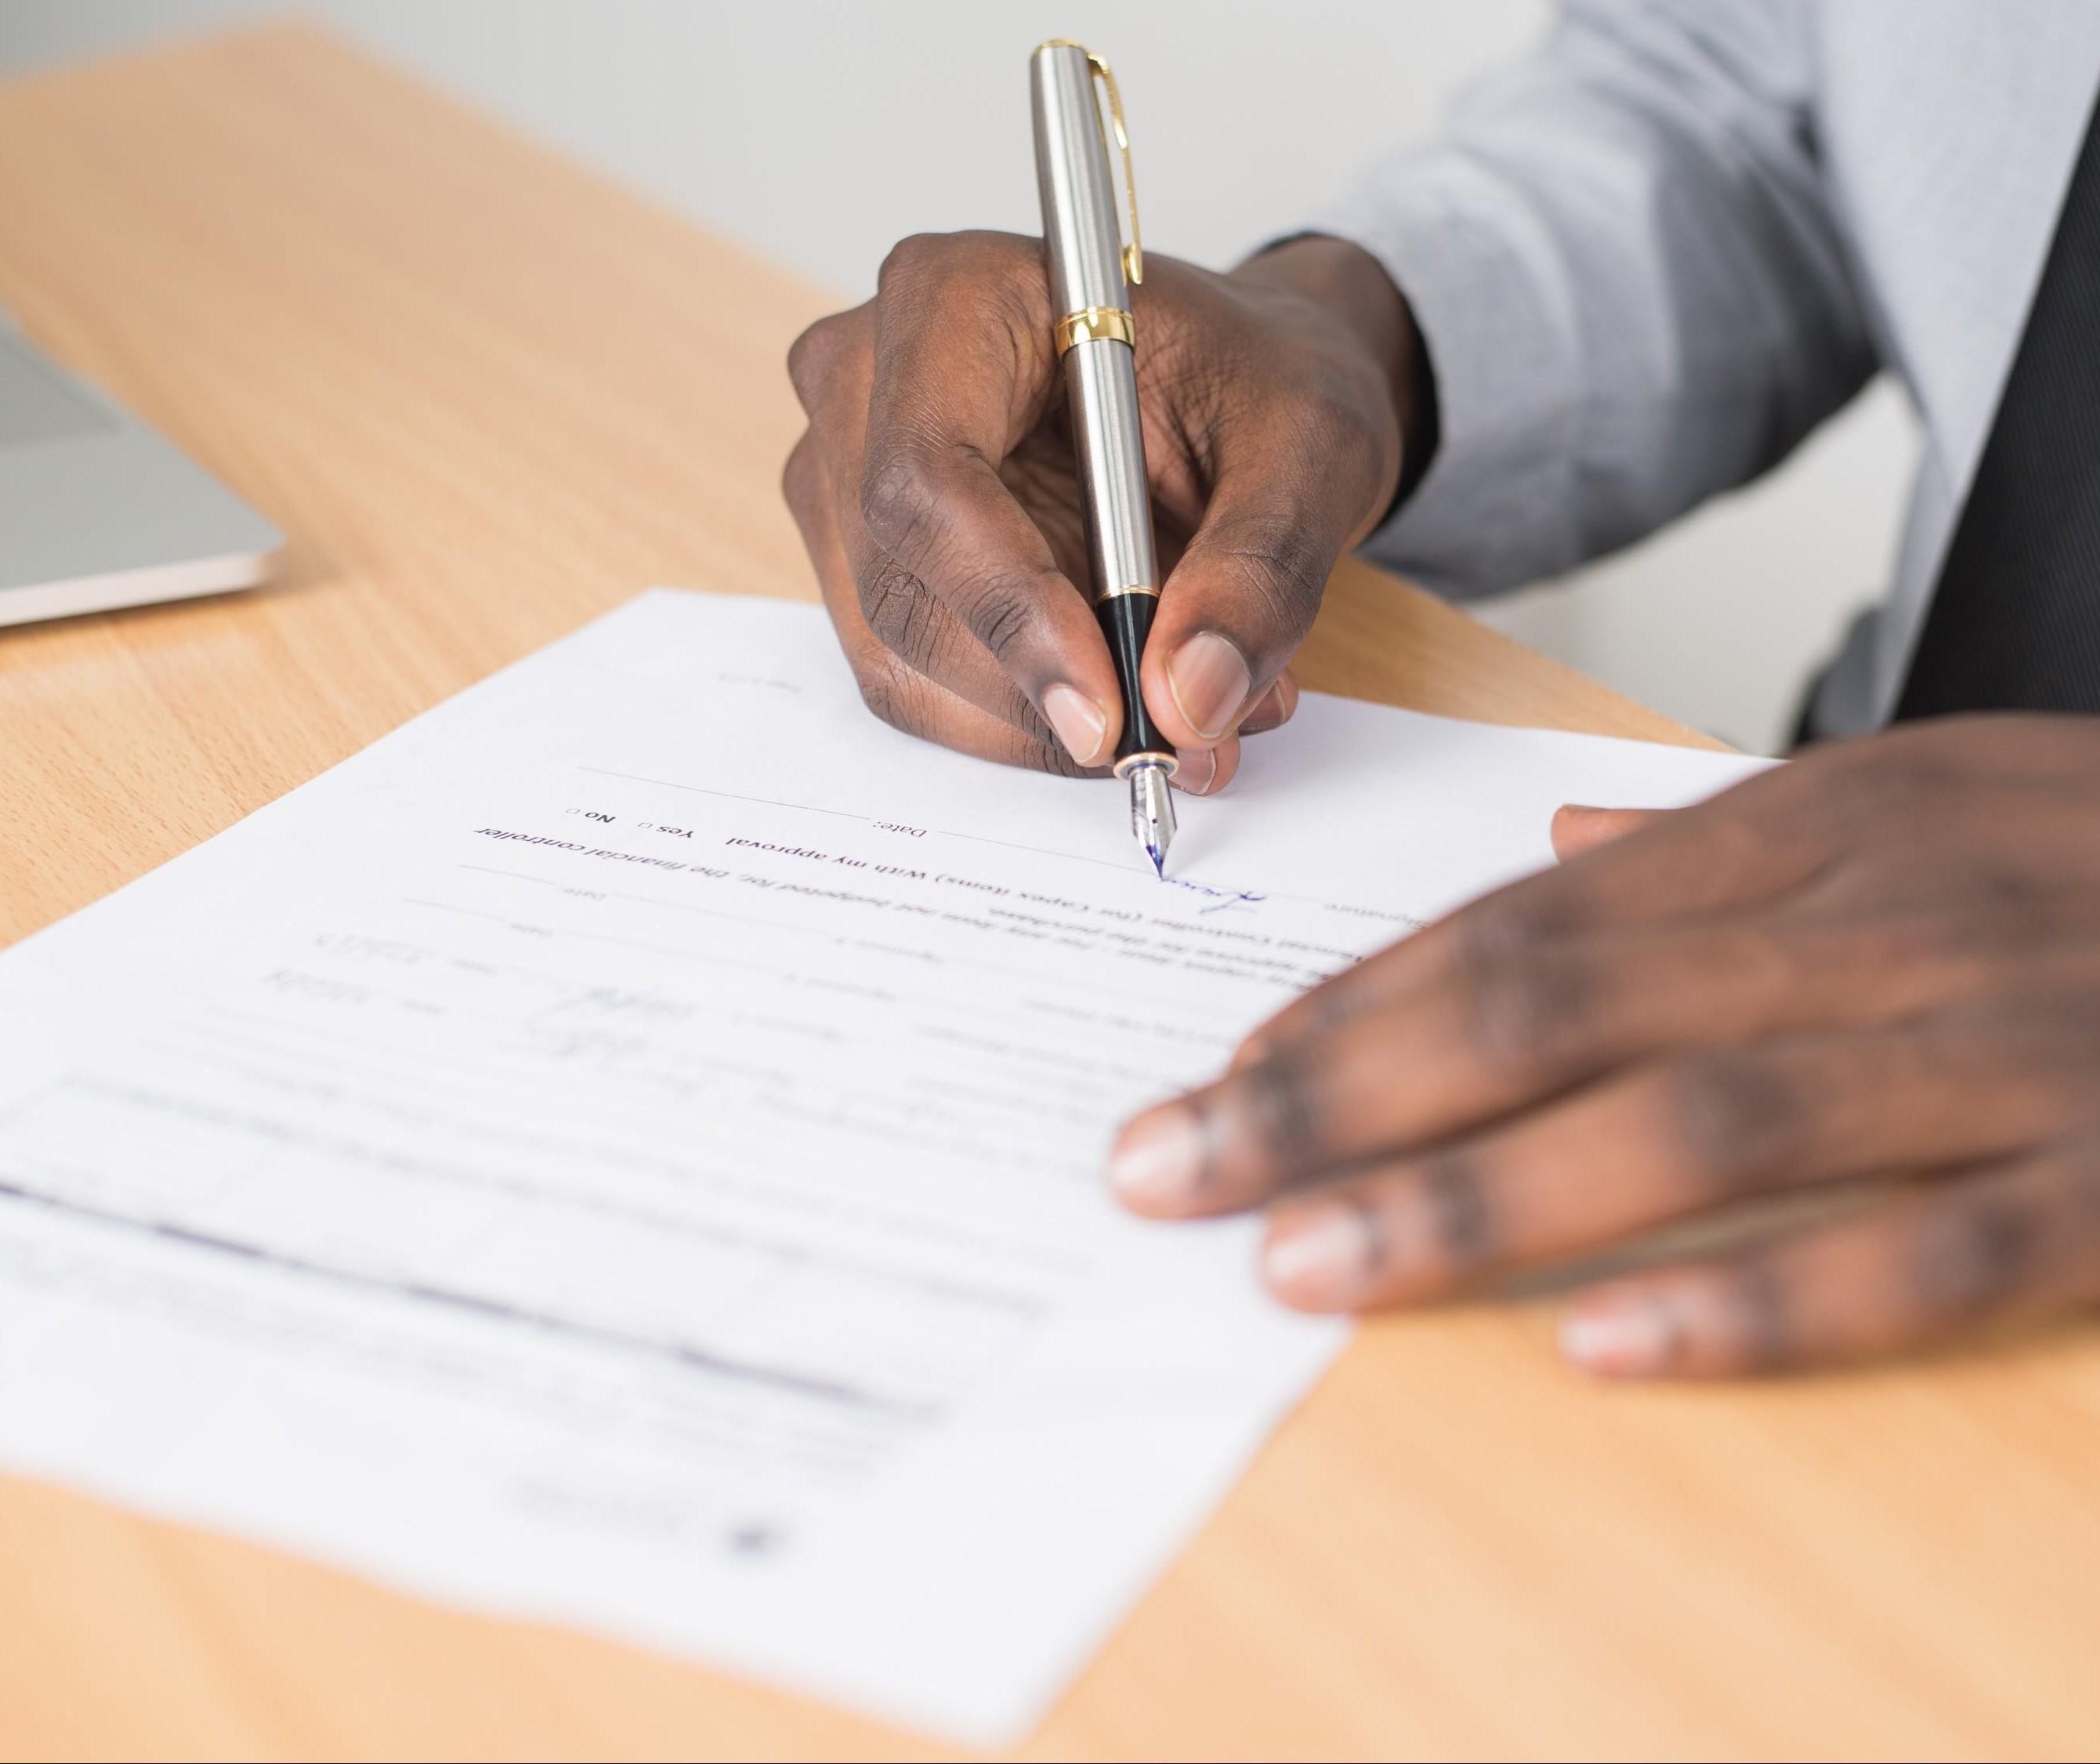 Médicos lançam documento propondo isolamento individual e testes em massa